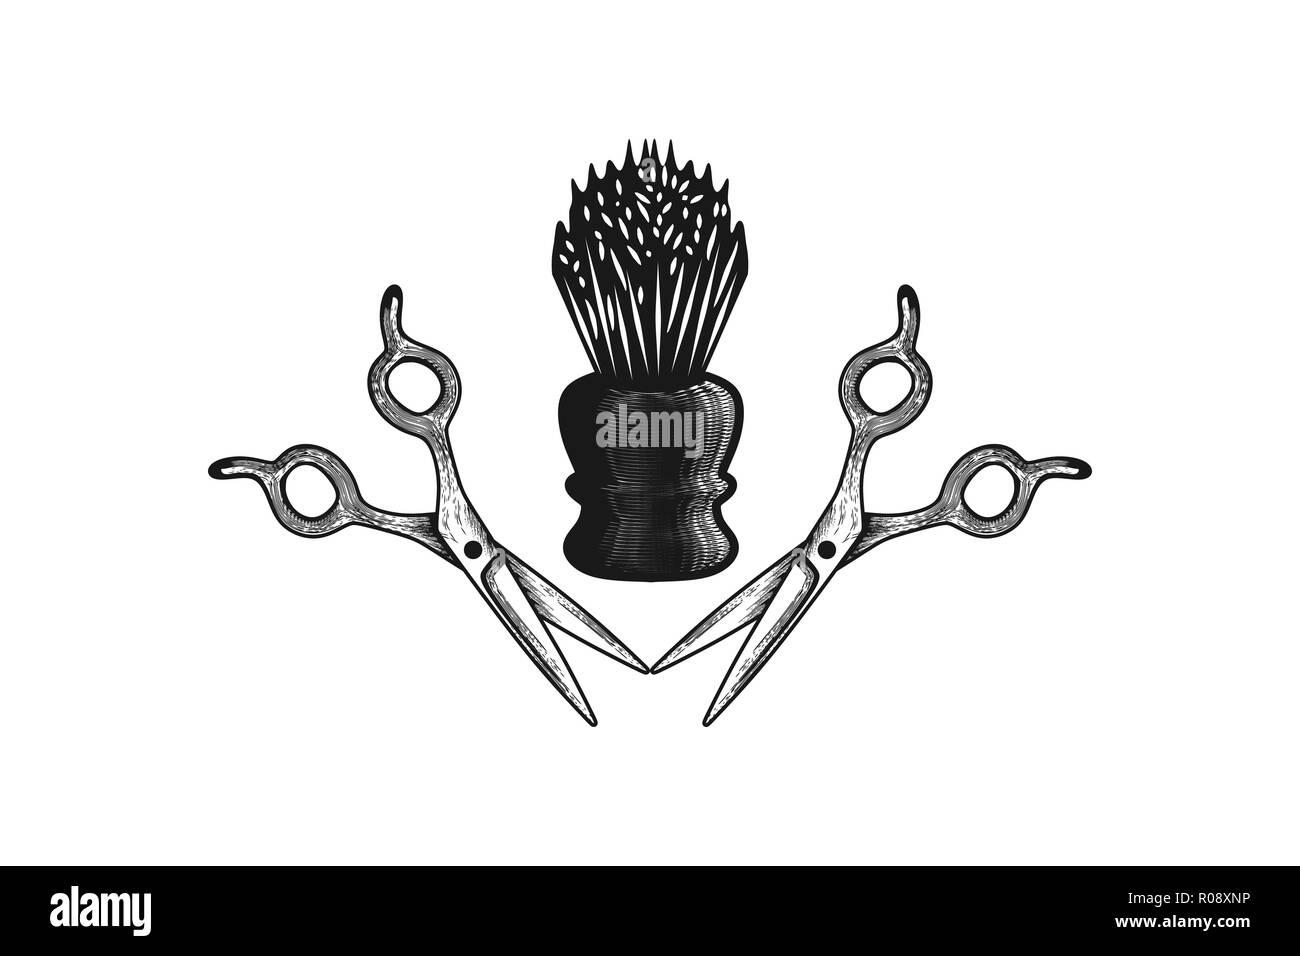 Salon De Coiffure Logo Design Inspiration Vecteurs Et Illustration